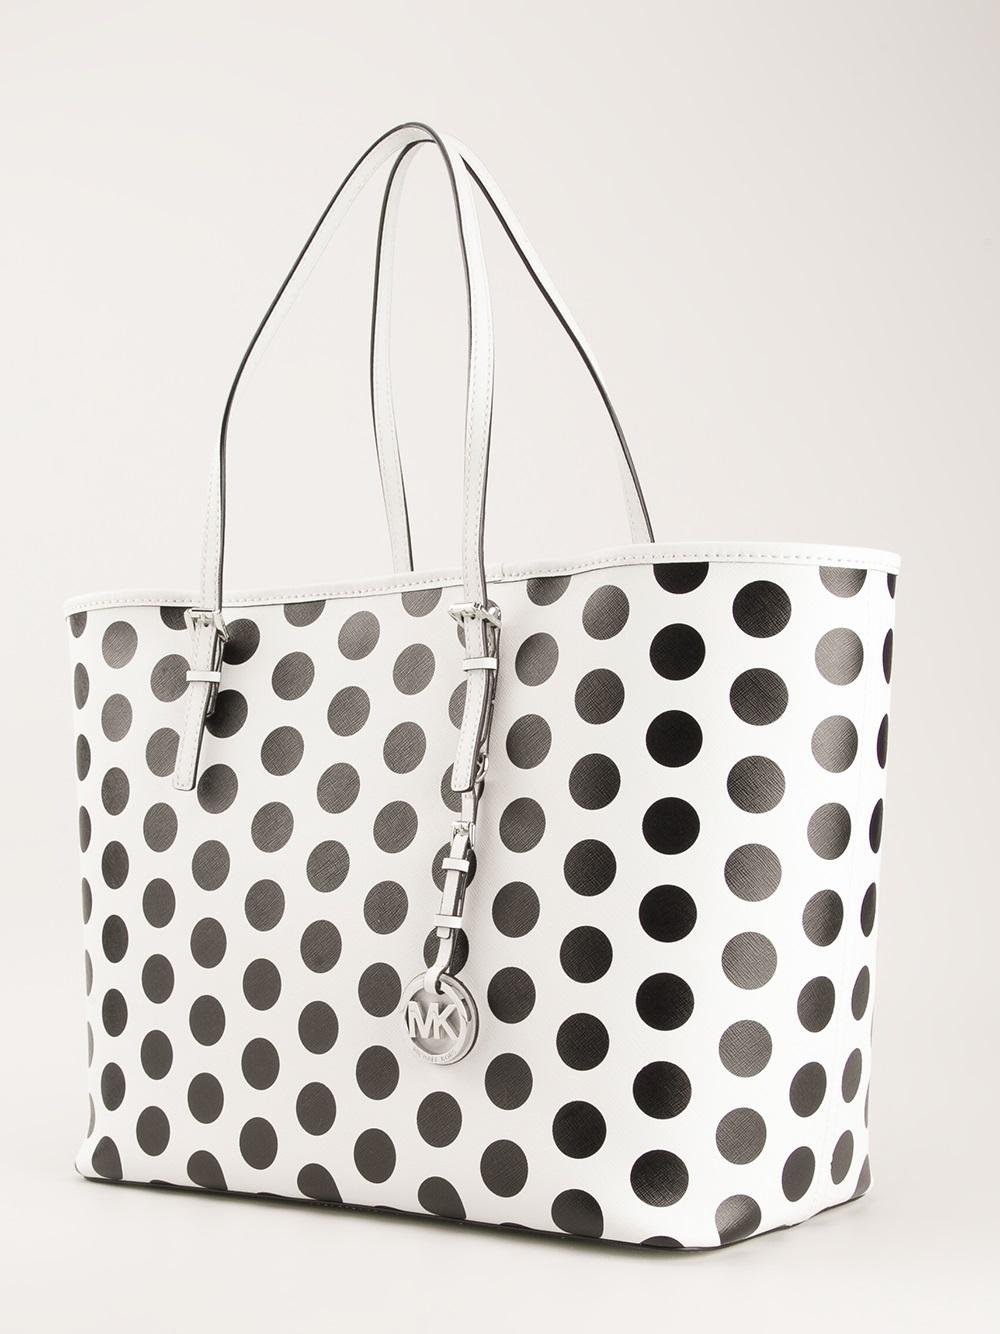 Michael Kors Polka Dot Tote Bag